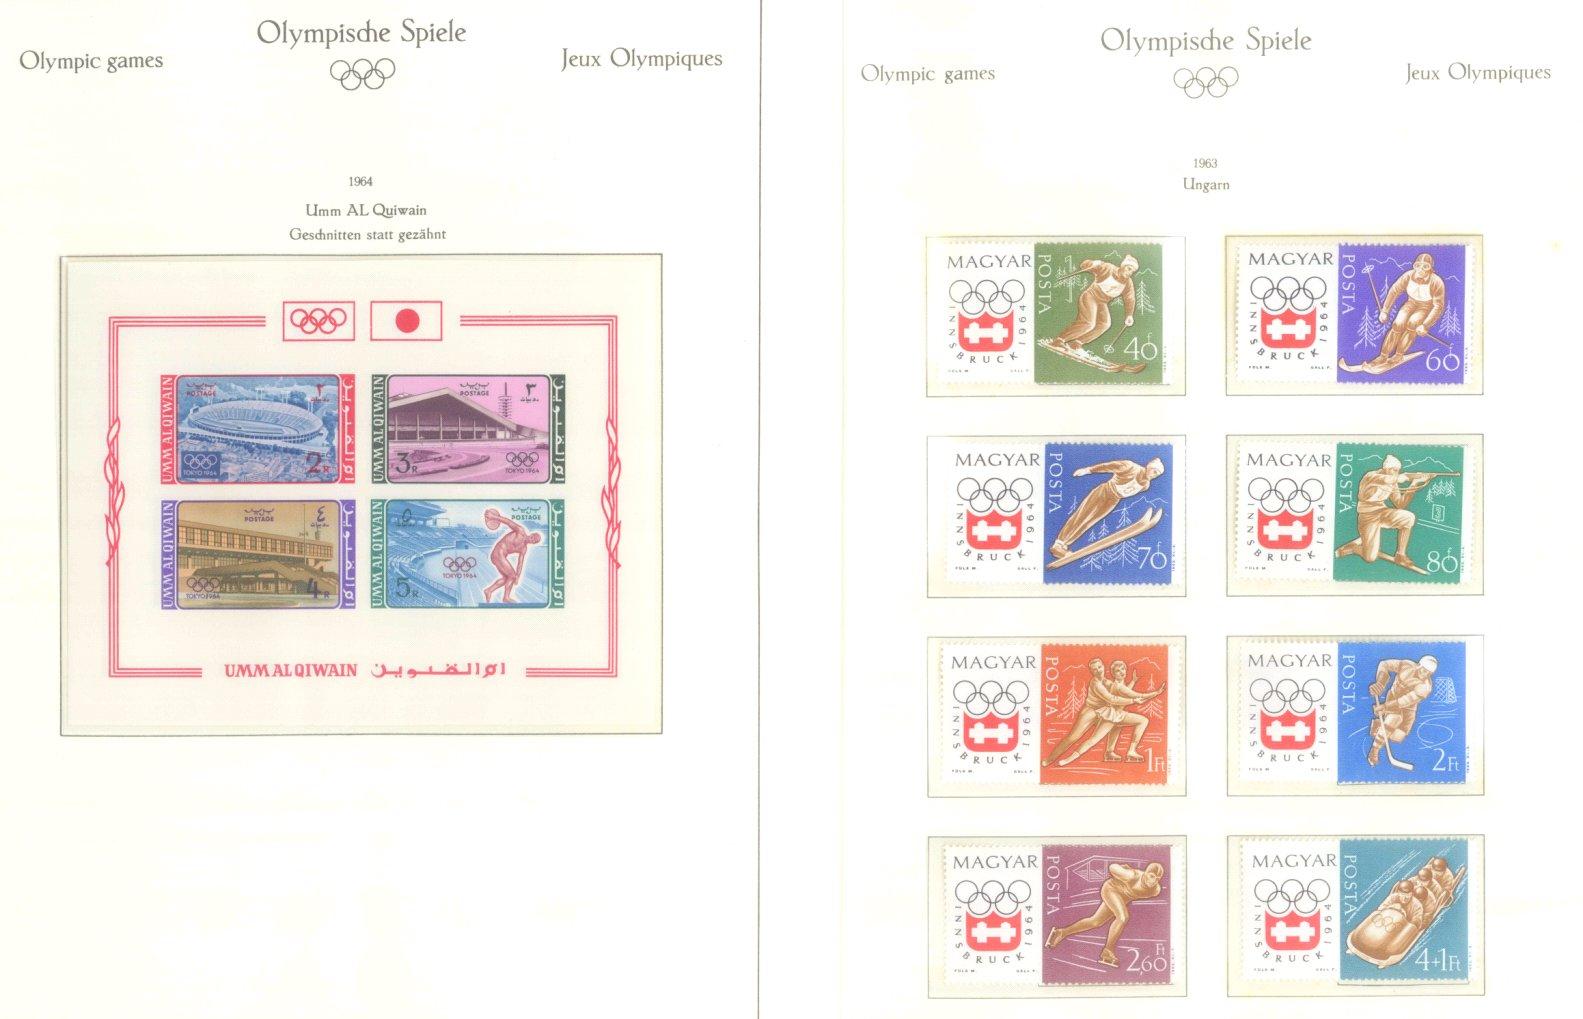 OLYMPISCHE SPIELE 1964 TOKIO, postfrische Sammlung Teil 2-48